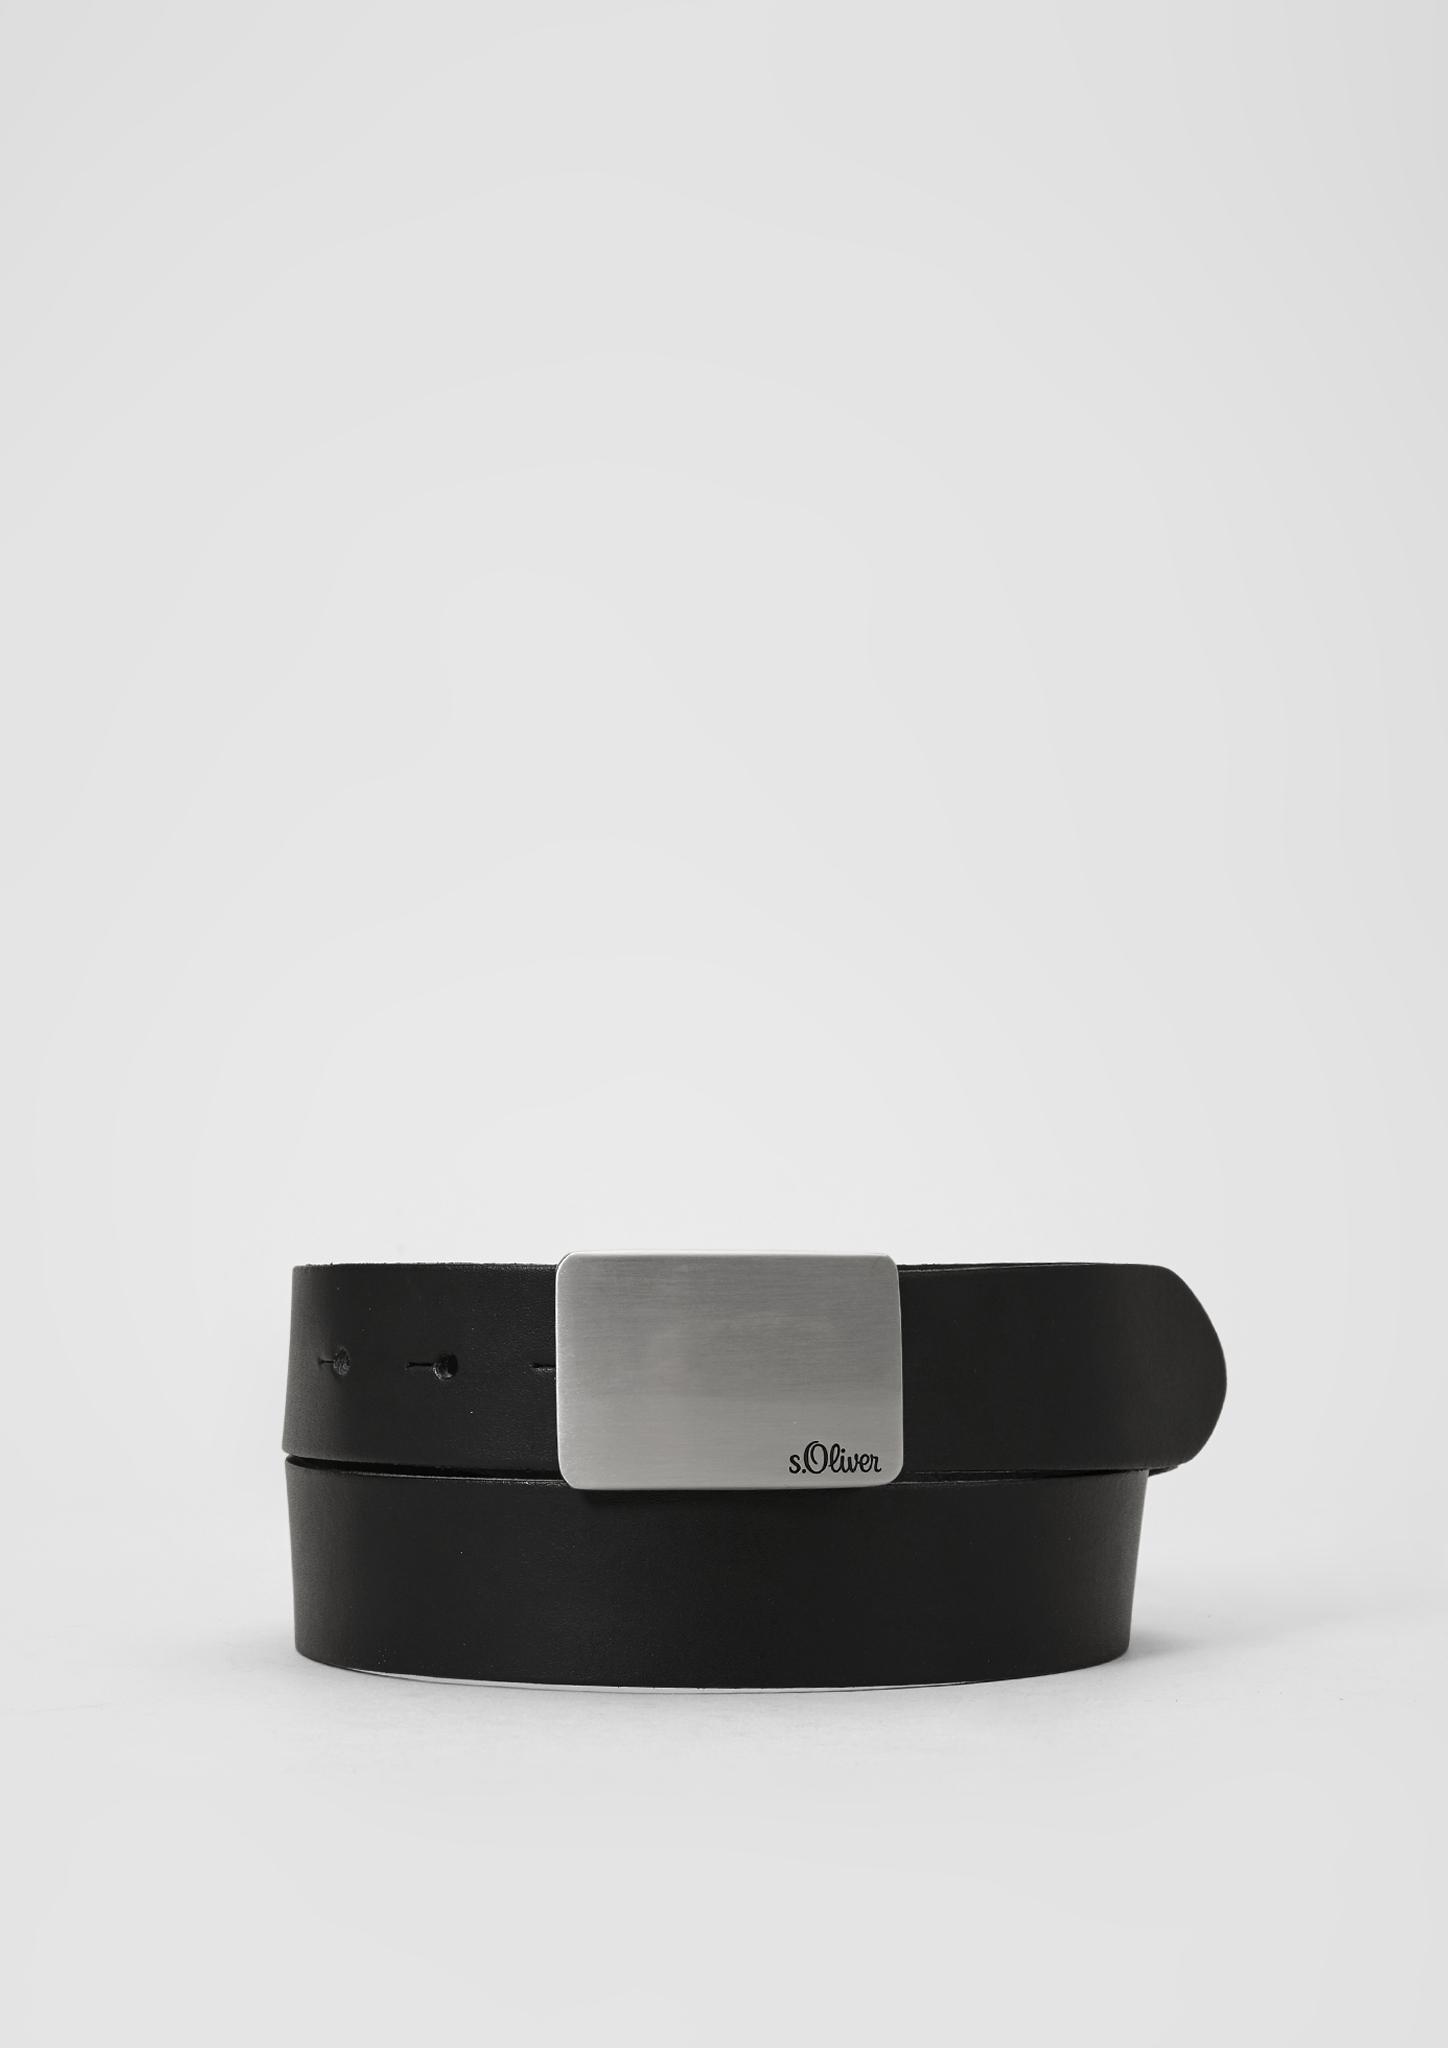 Ledergürtel | Accessoires > Gürtel > Ledergürtel | Schwarz | 100% leder | s.Oliver